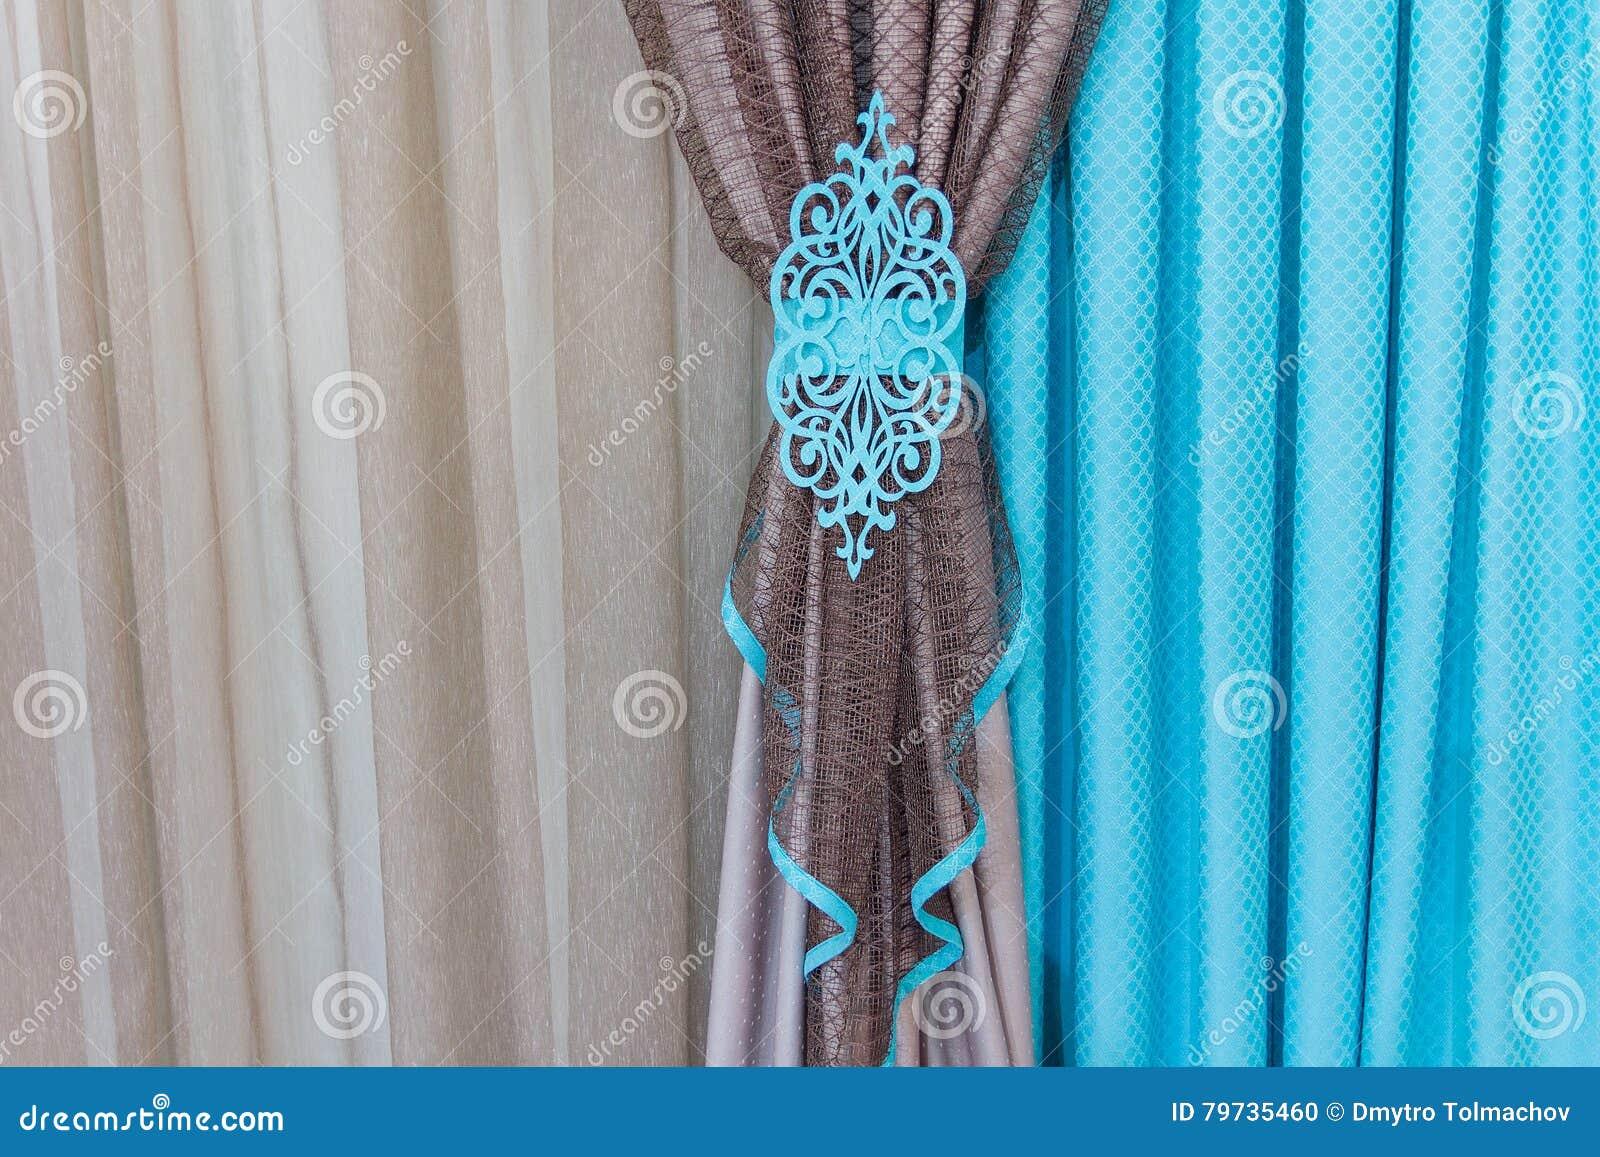 mooie gordijnen in de oosterse stijl